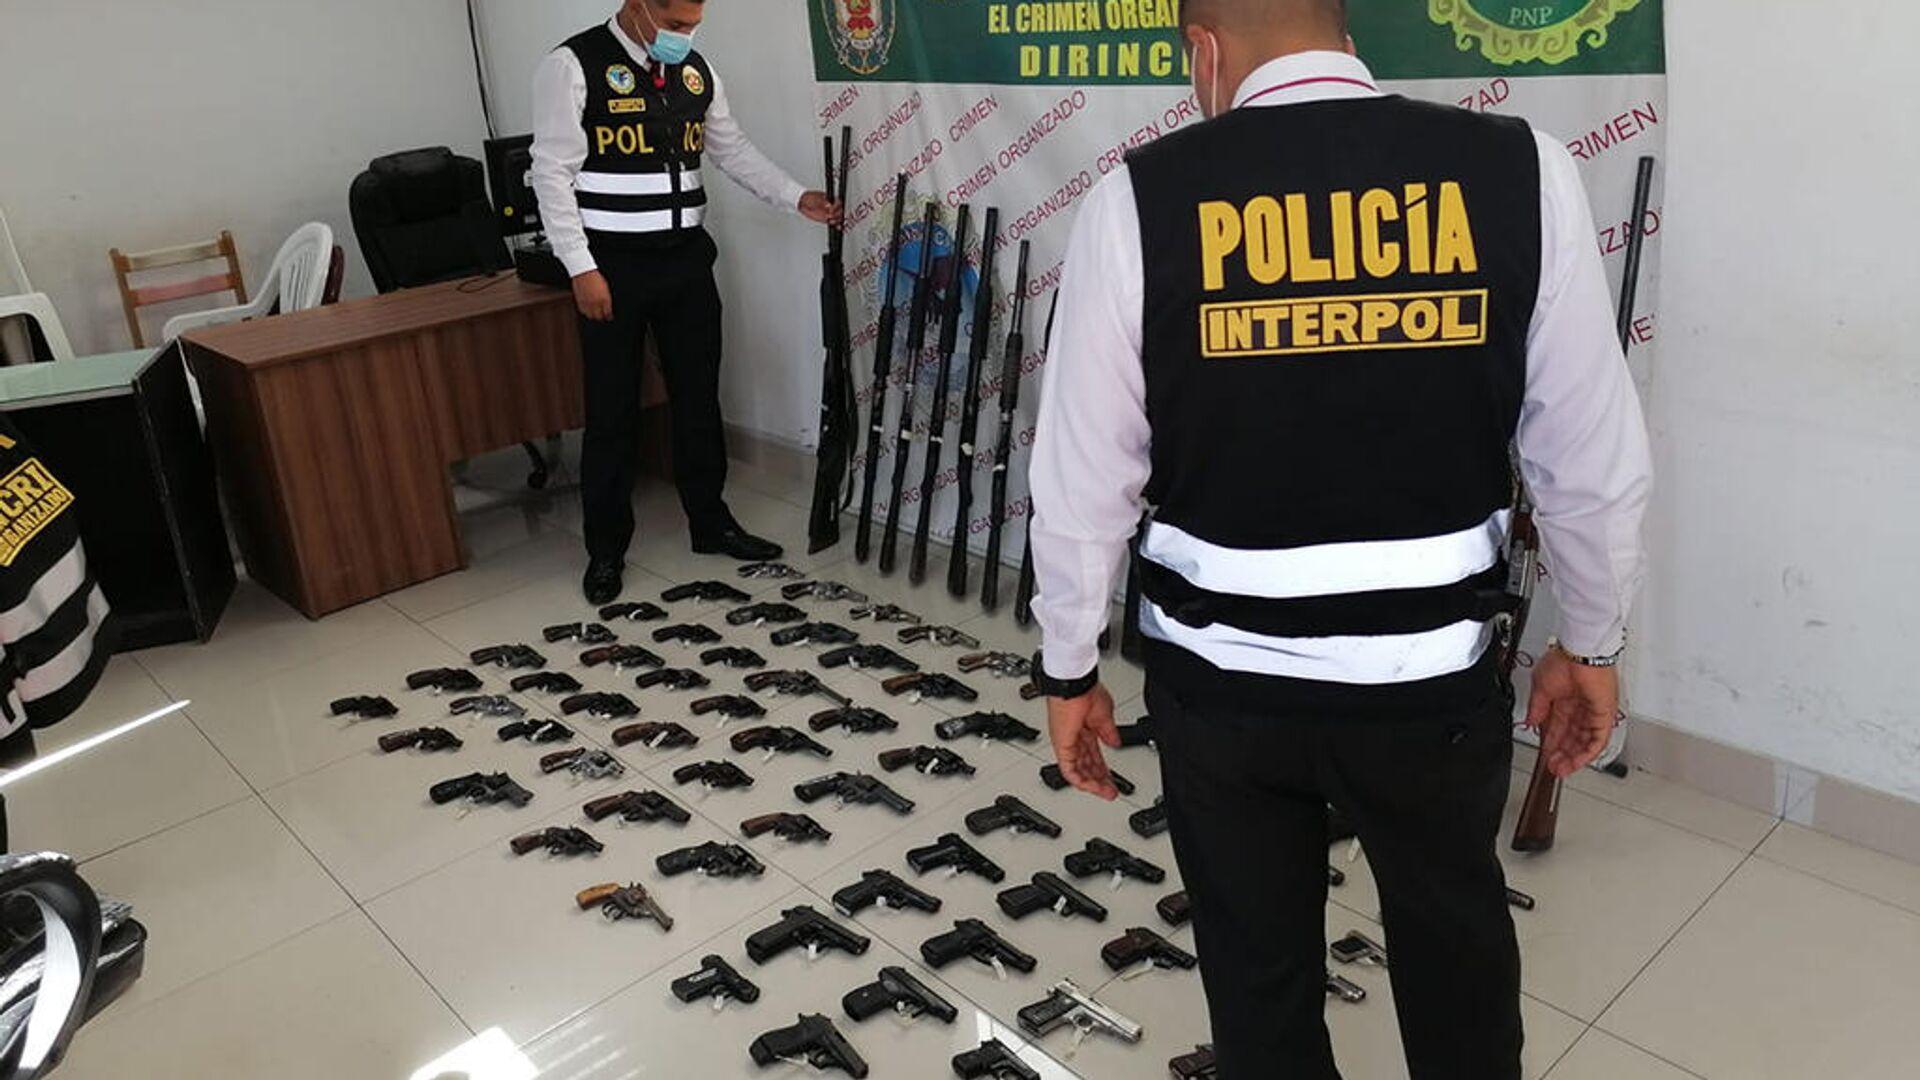 Policías de Interpol Perú - Sputnik Mundo, 1920, 14.04.2021